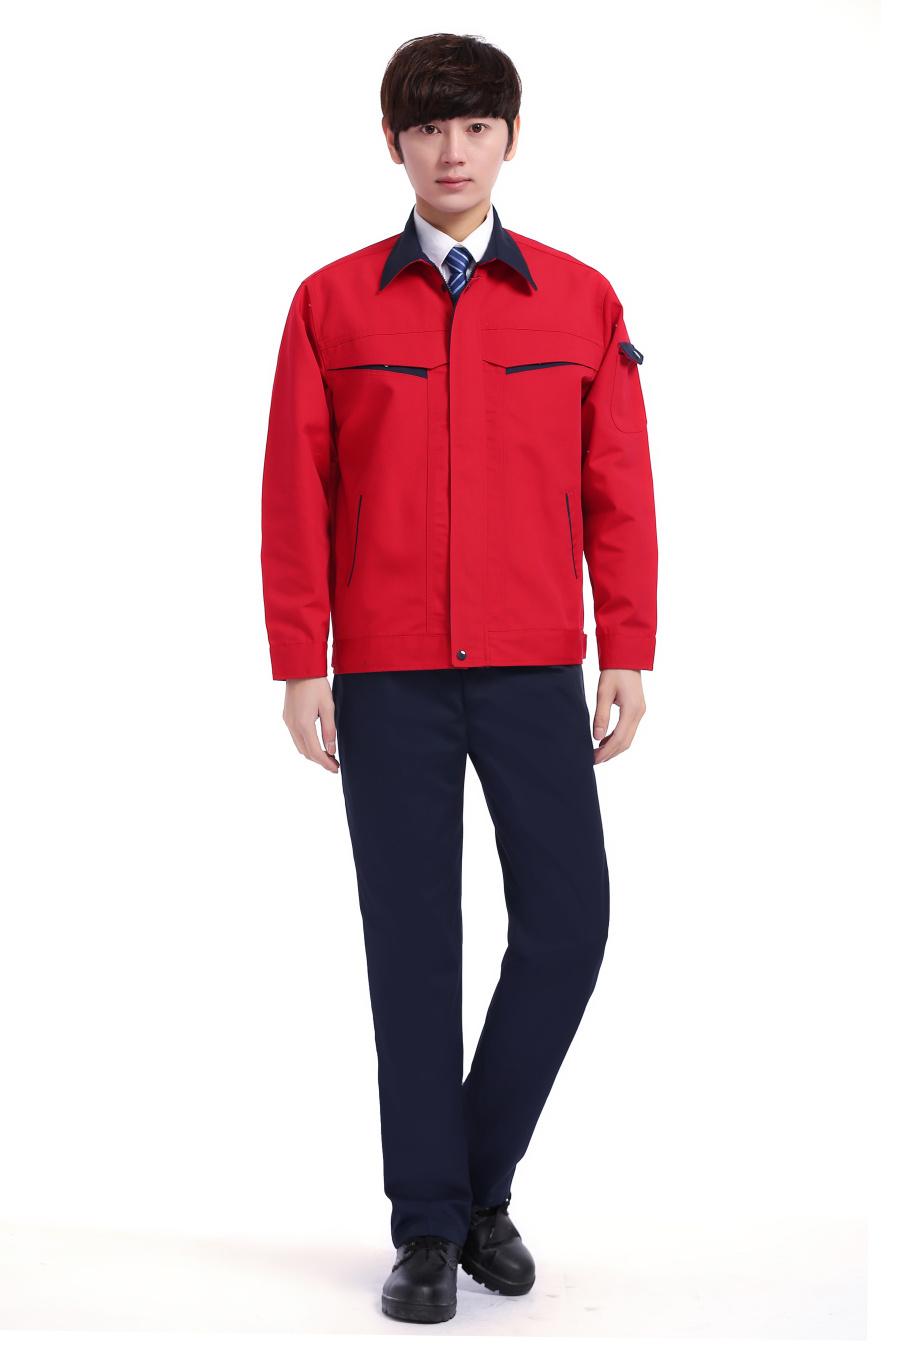 红色春装工作服